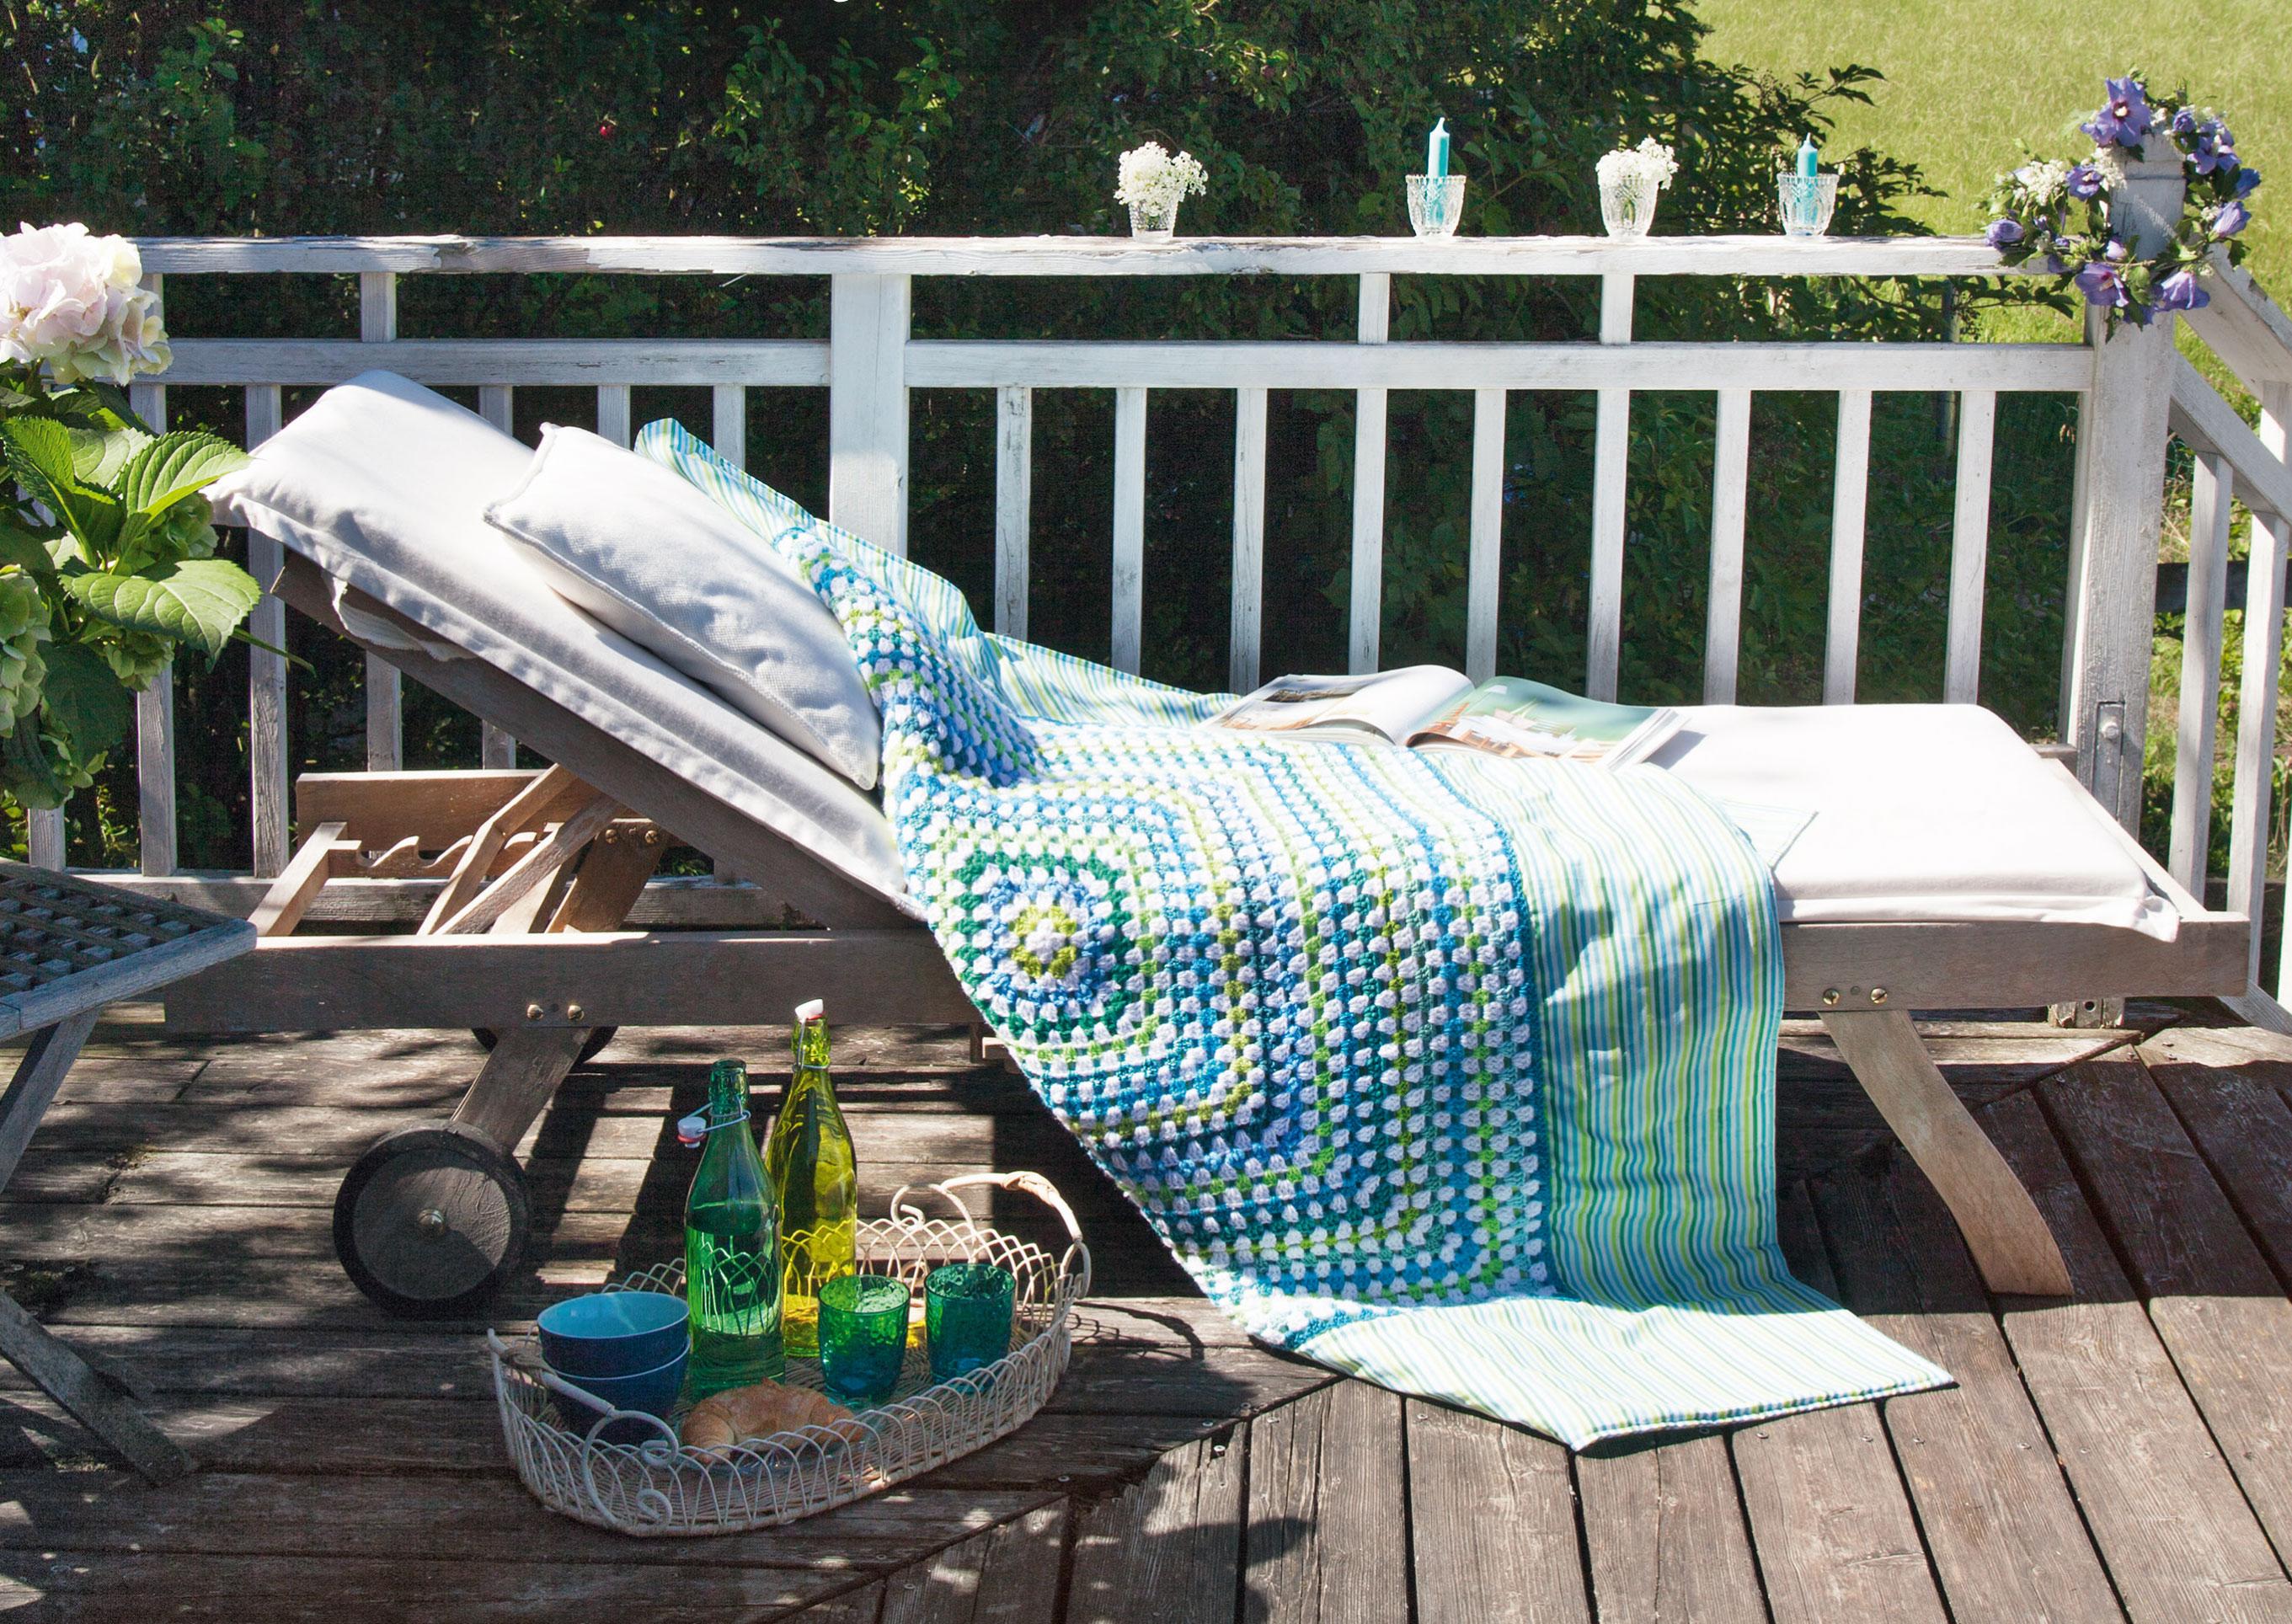 Häkeln für die Gartenparty: Sommerliche Granny-Muster | LandIDEE Magazin